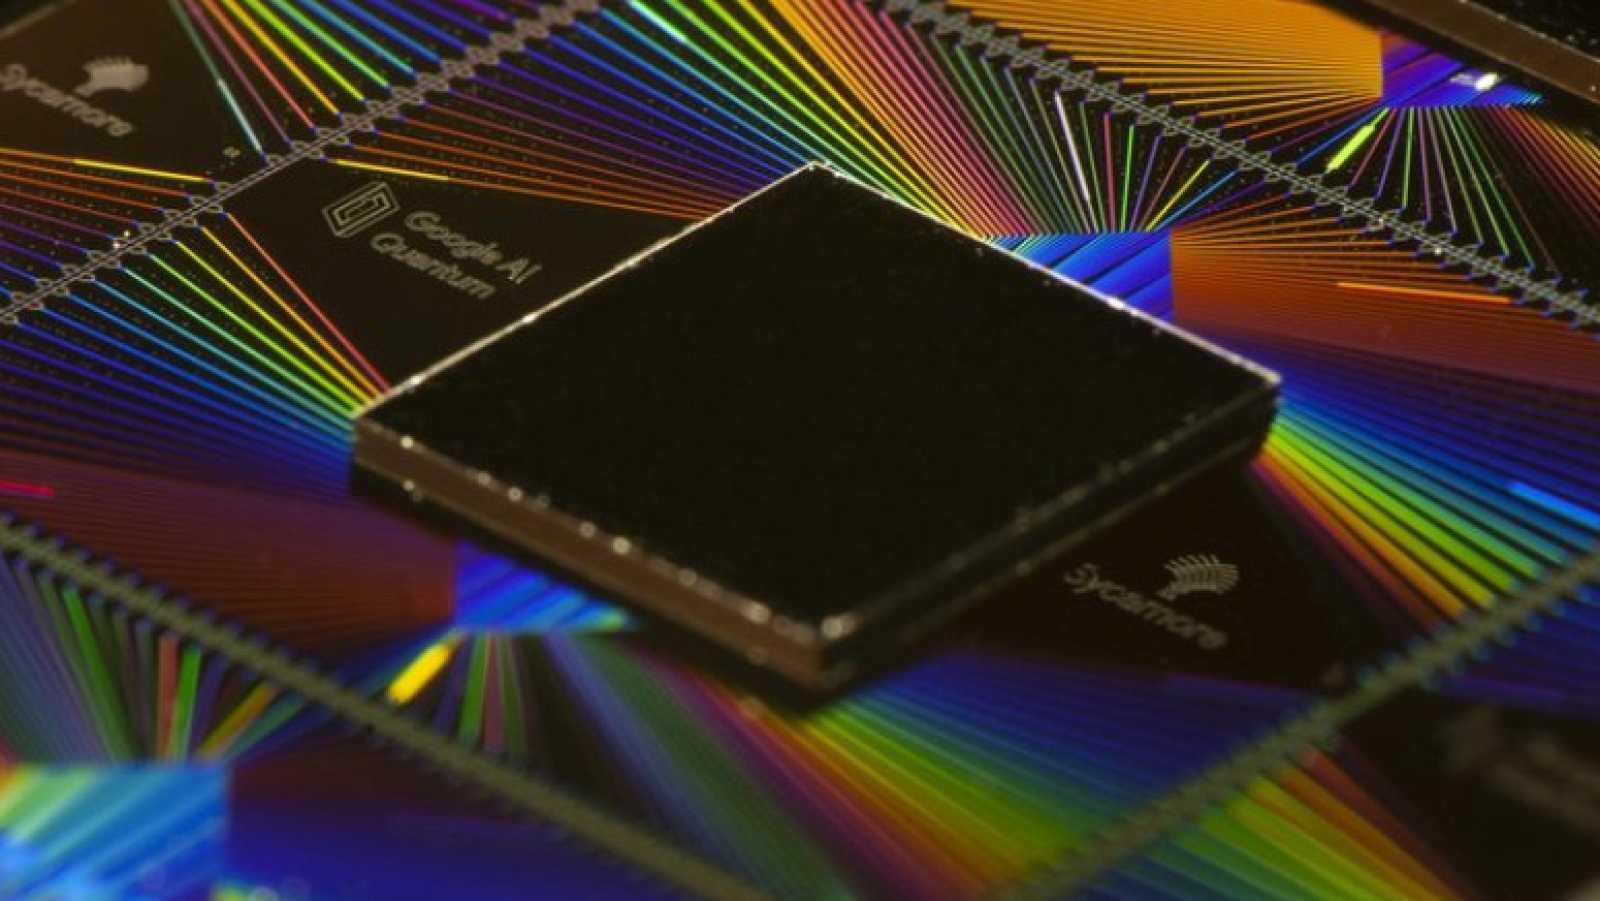 ProcesadorSycamore con el que Google ha alcanzado la supremacía cuántica.